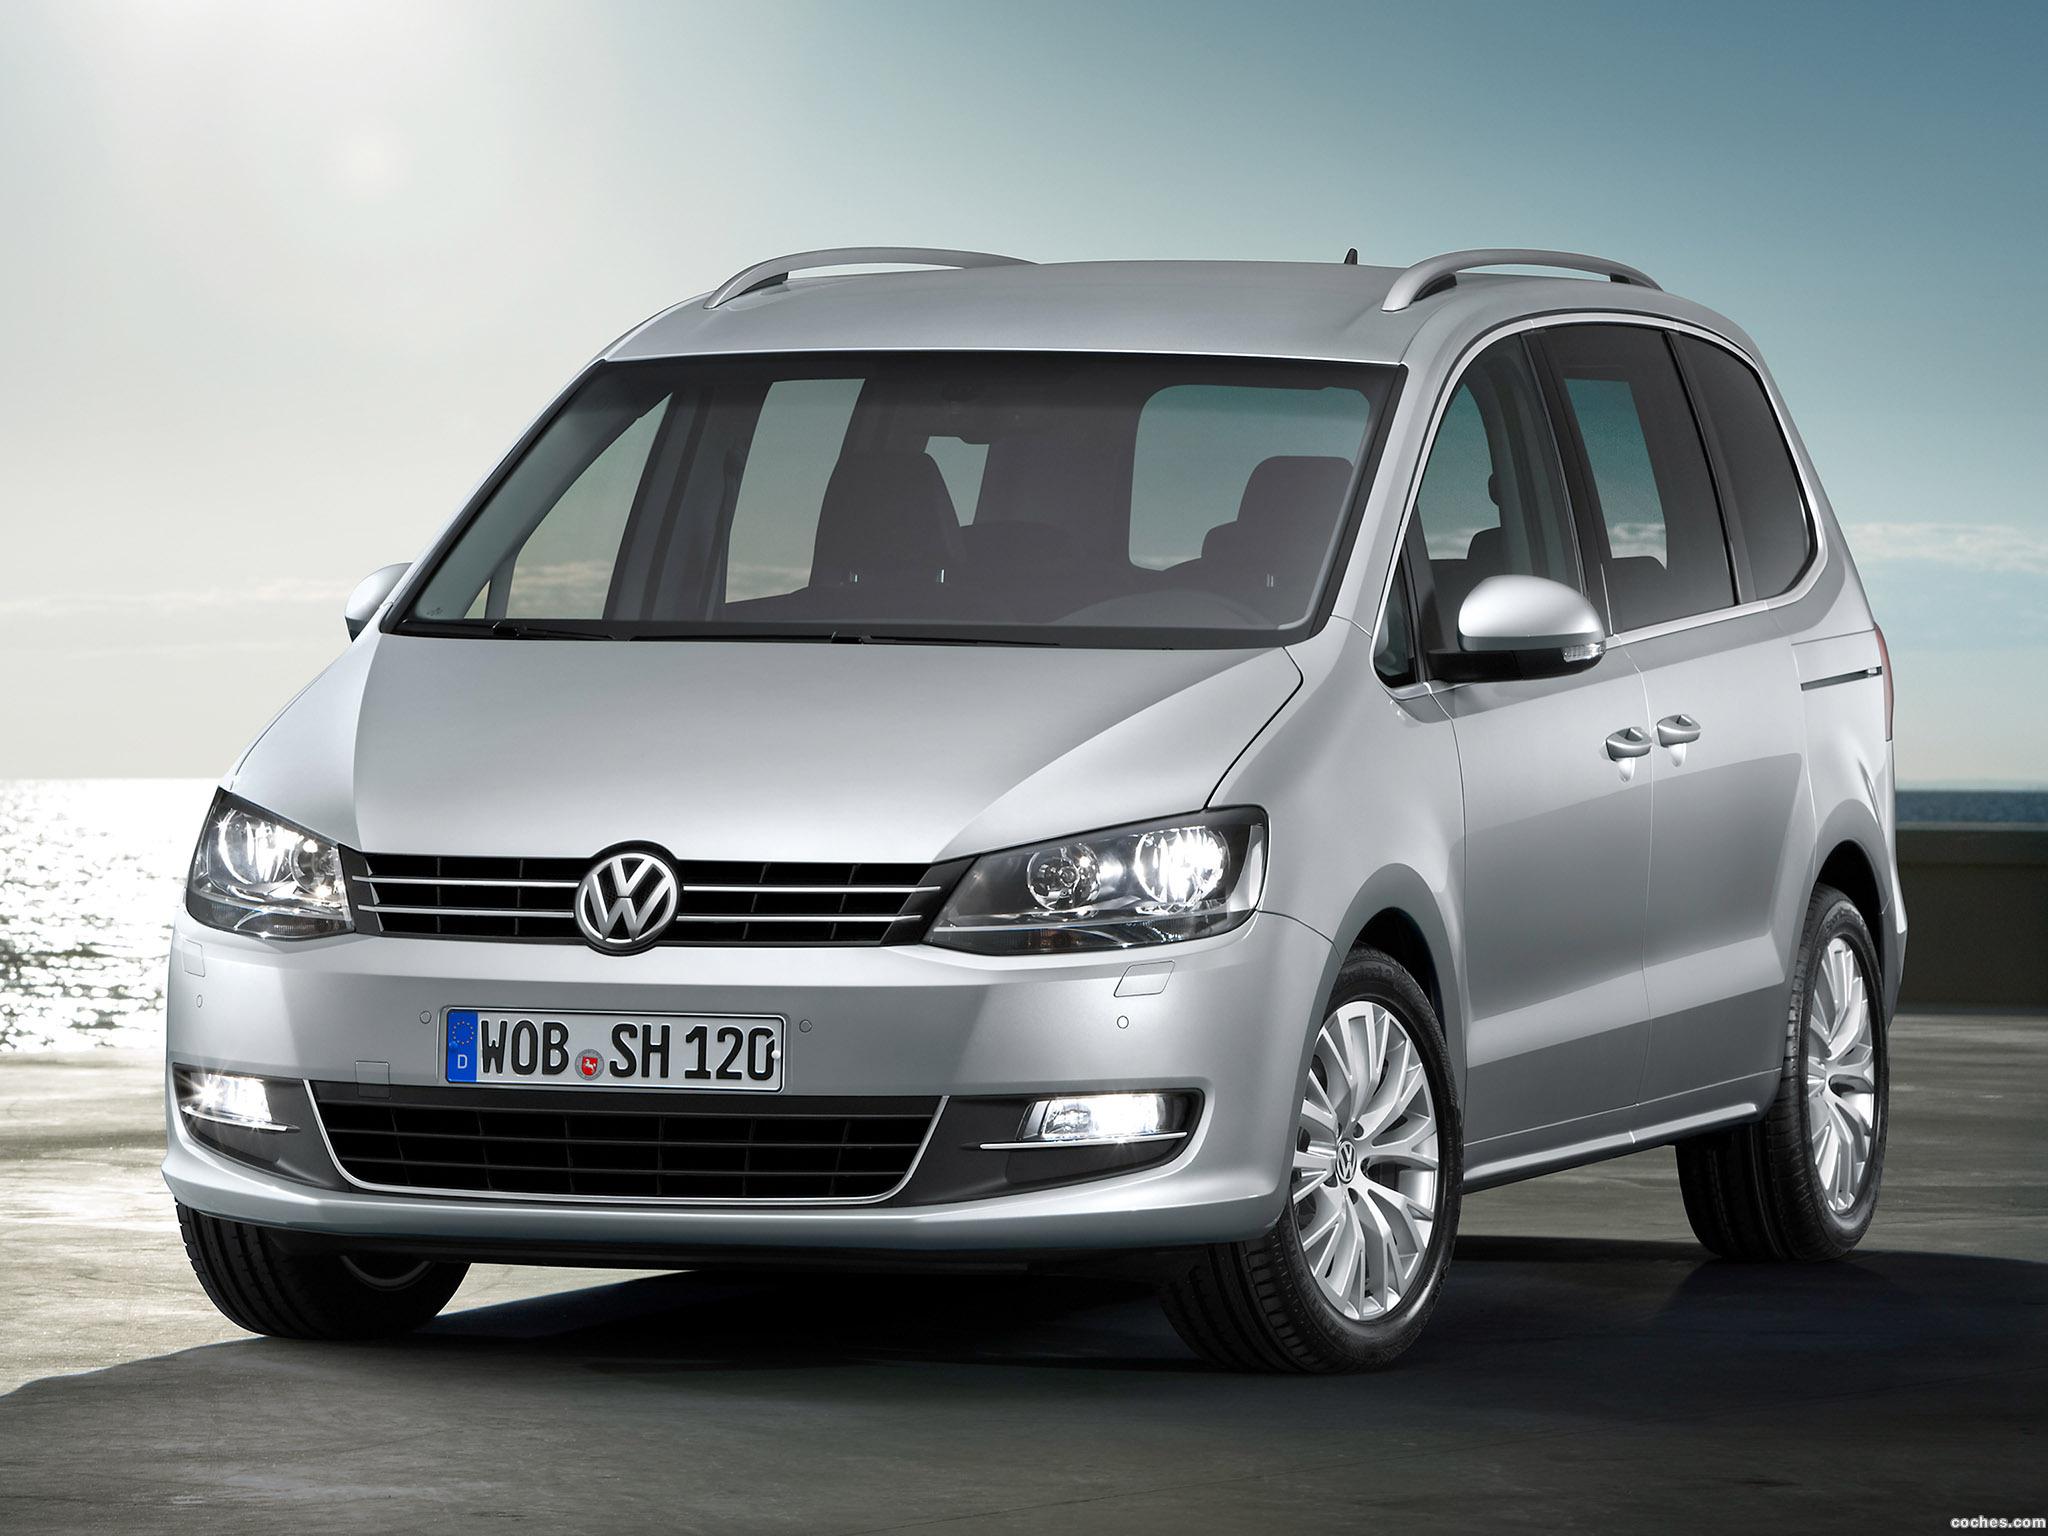 Foto 0 de Volkswagen Sharan 2010